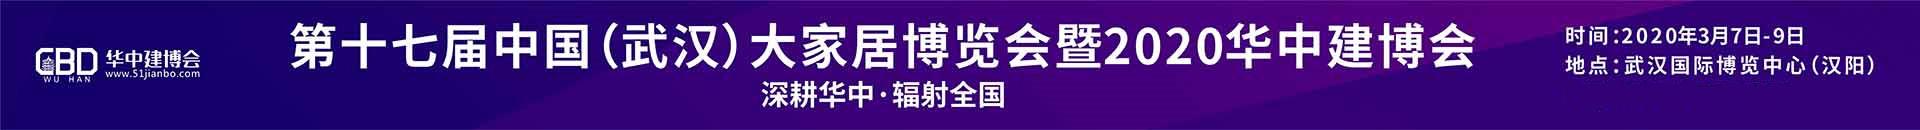 2020第17届中国武汉大家居博览会暨2020华中建博会(简称:武汉家博会)